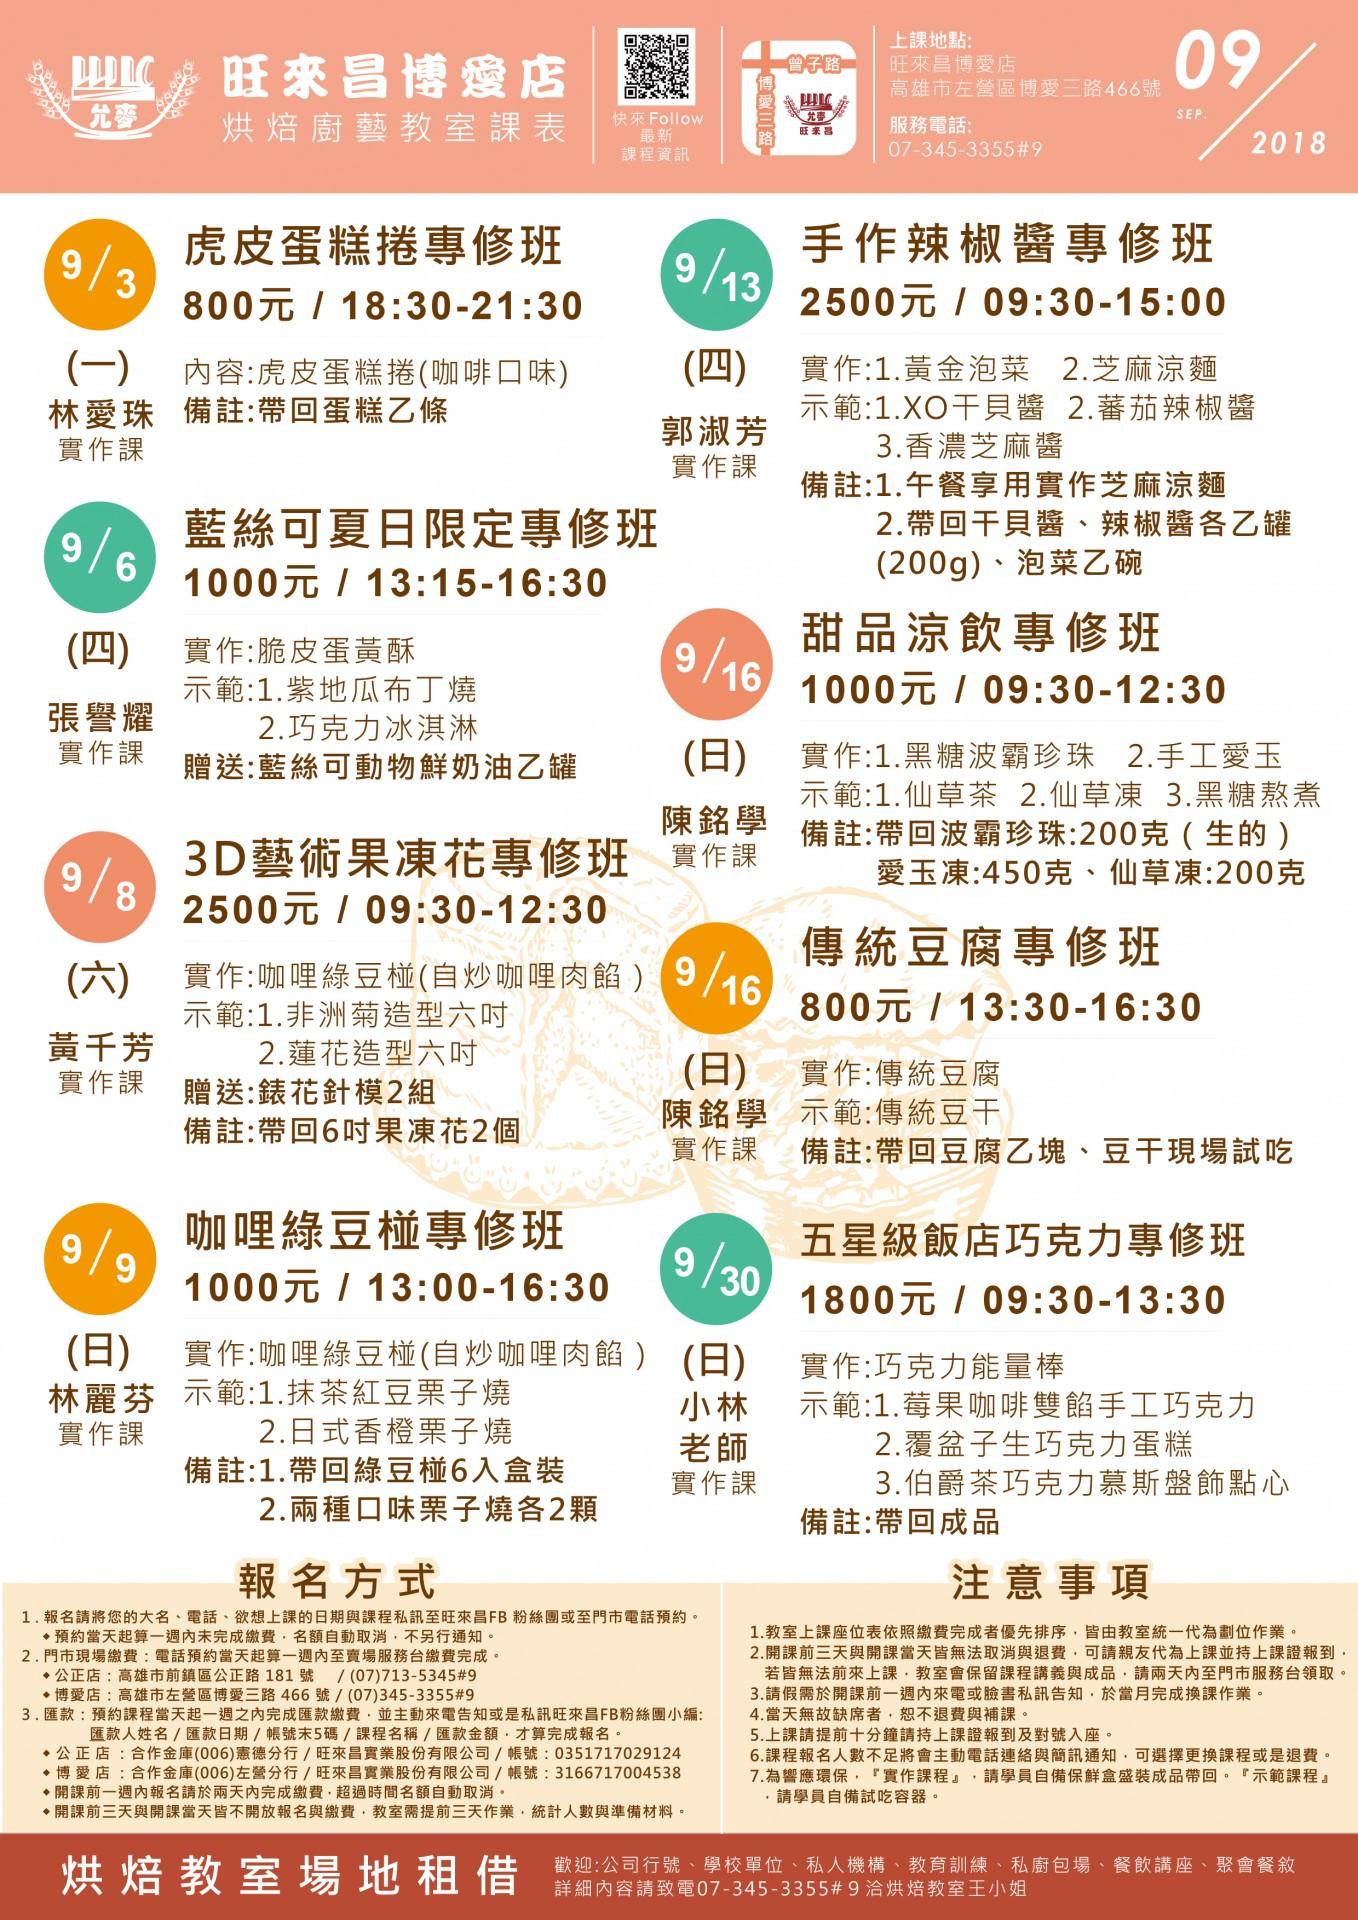 2018年9月博愛店課表